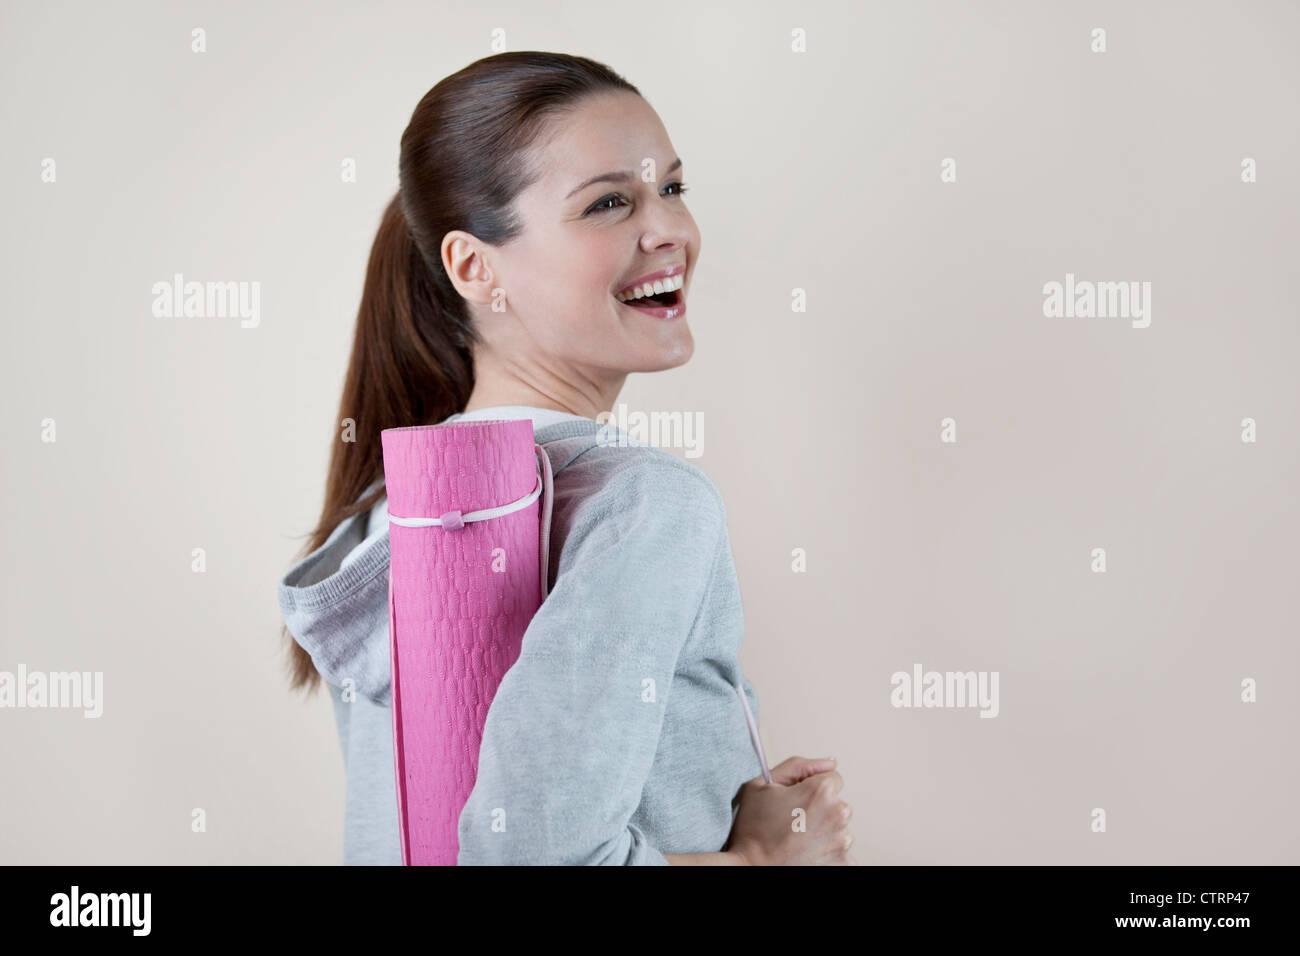 Eine junge Frau trägt eine Yoga-Matte, lachen Stockbild